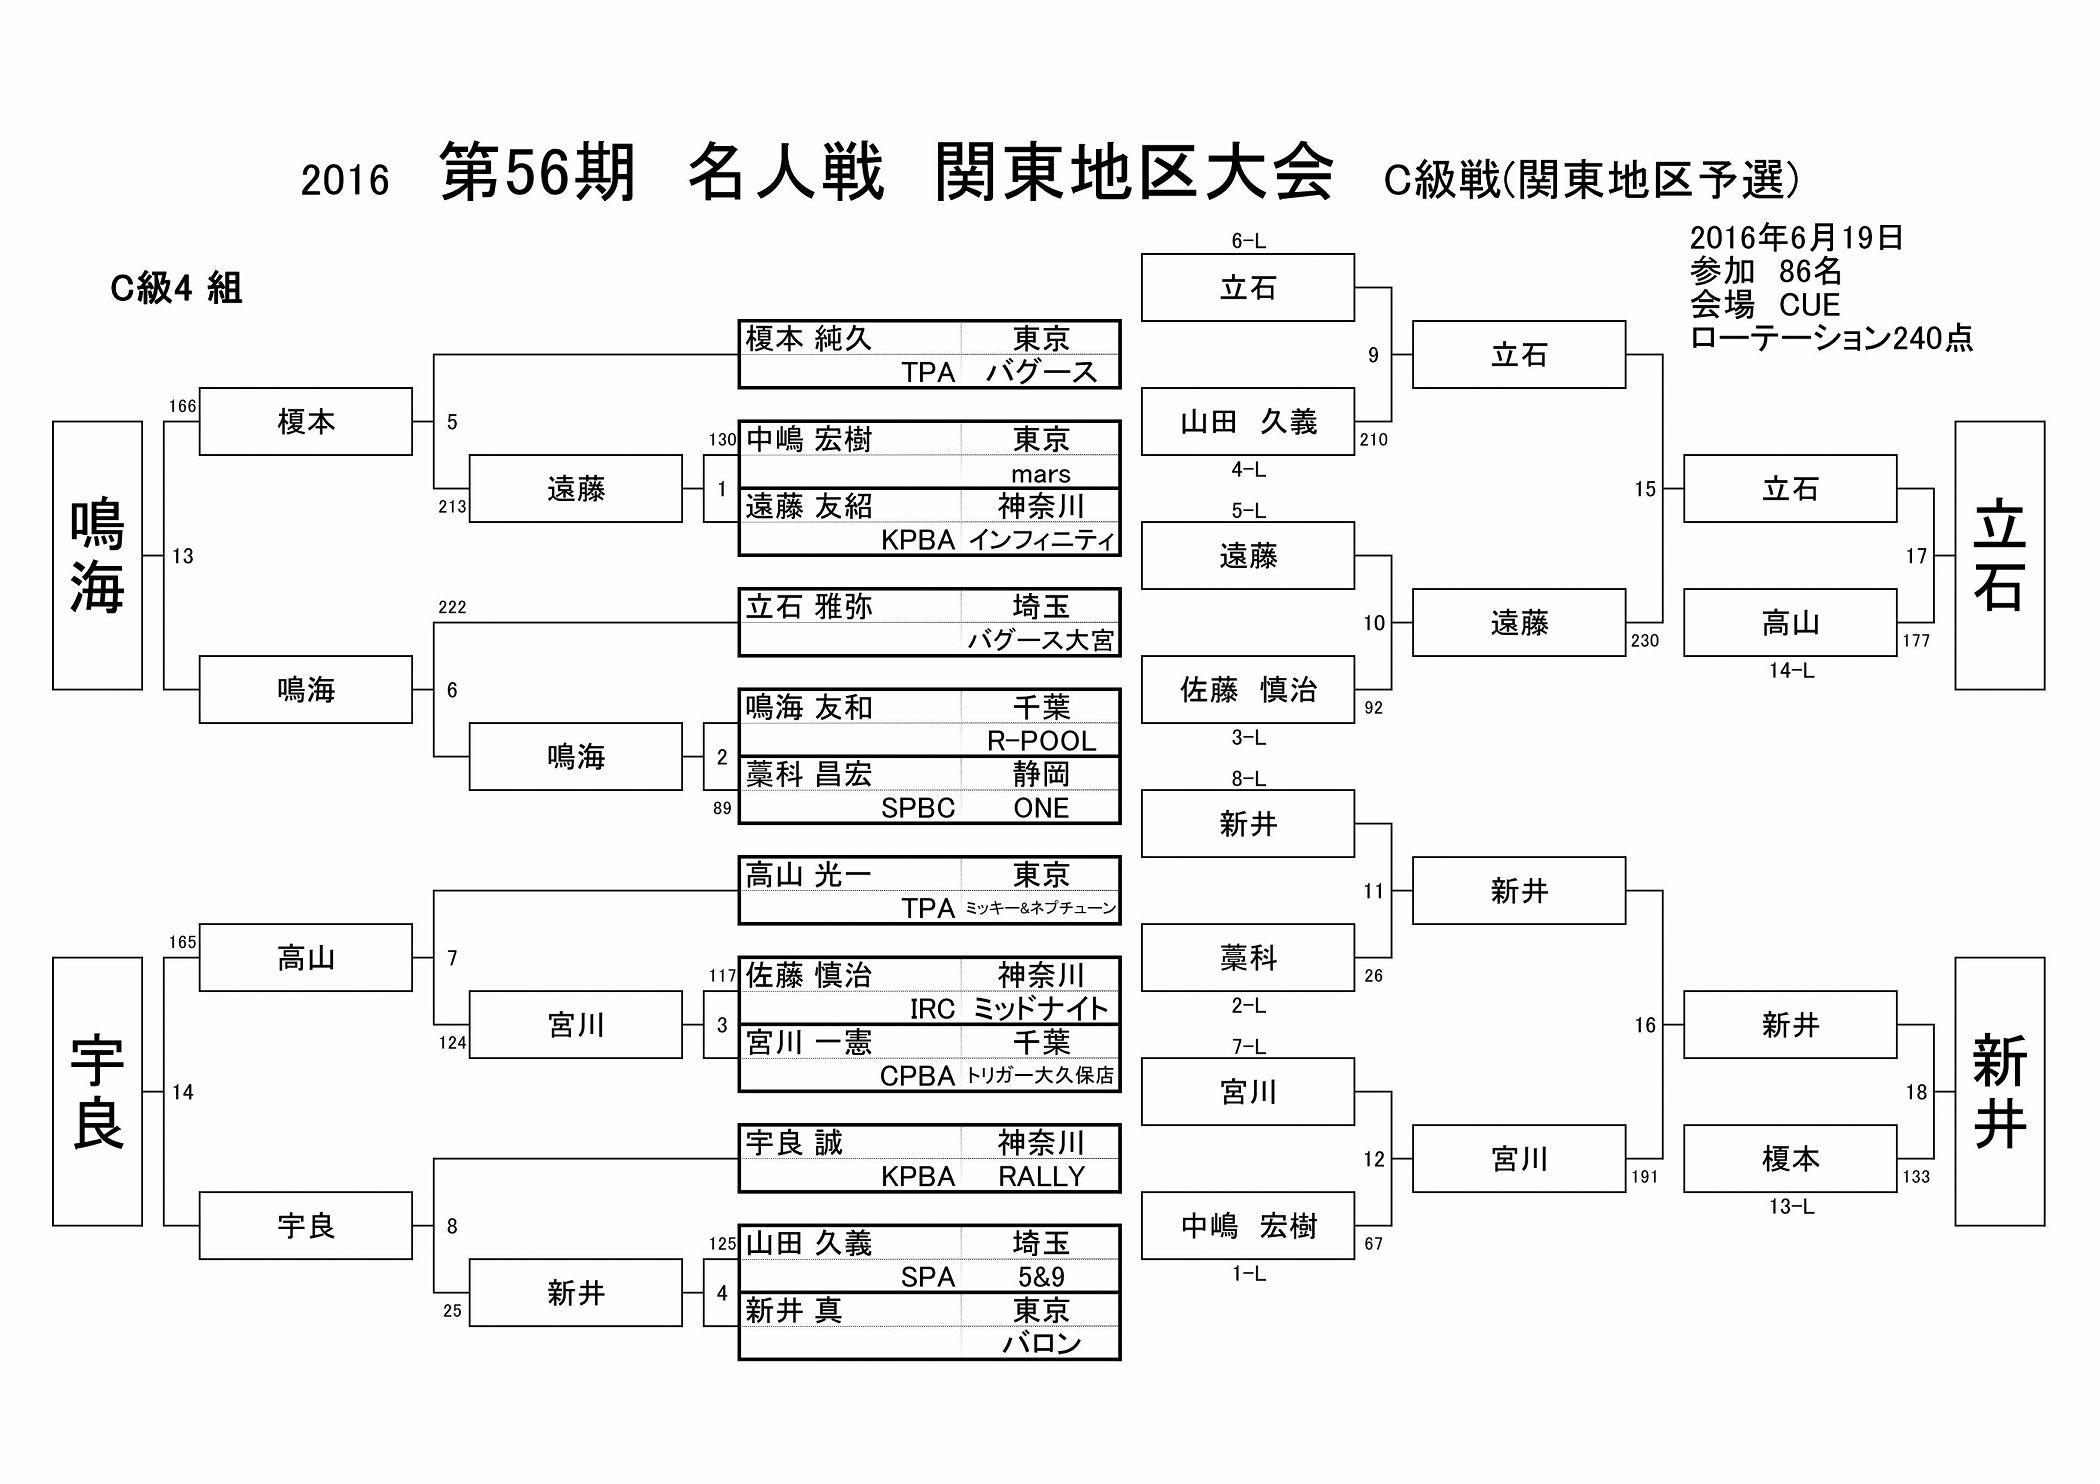 2016名人戦C級戦結果(関東地区)_04